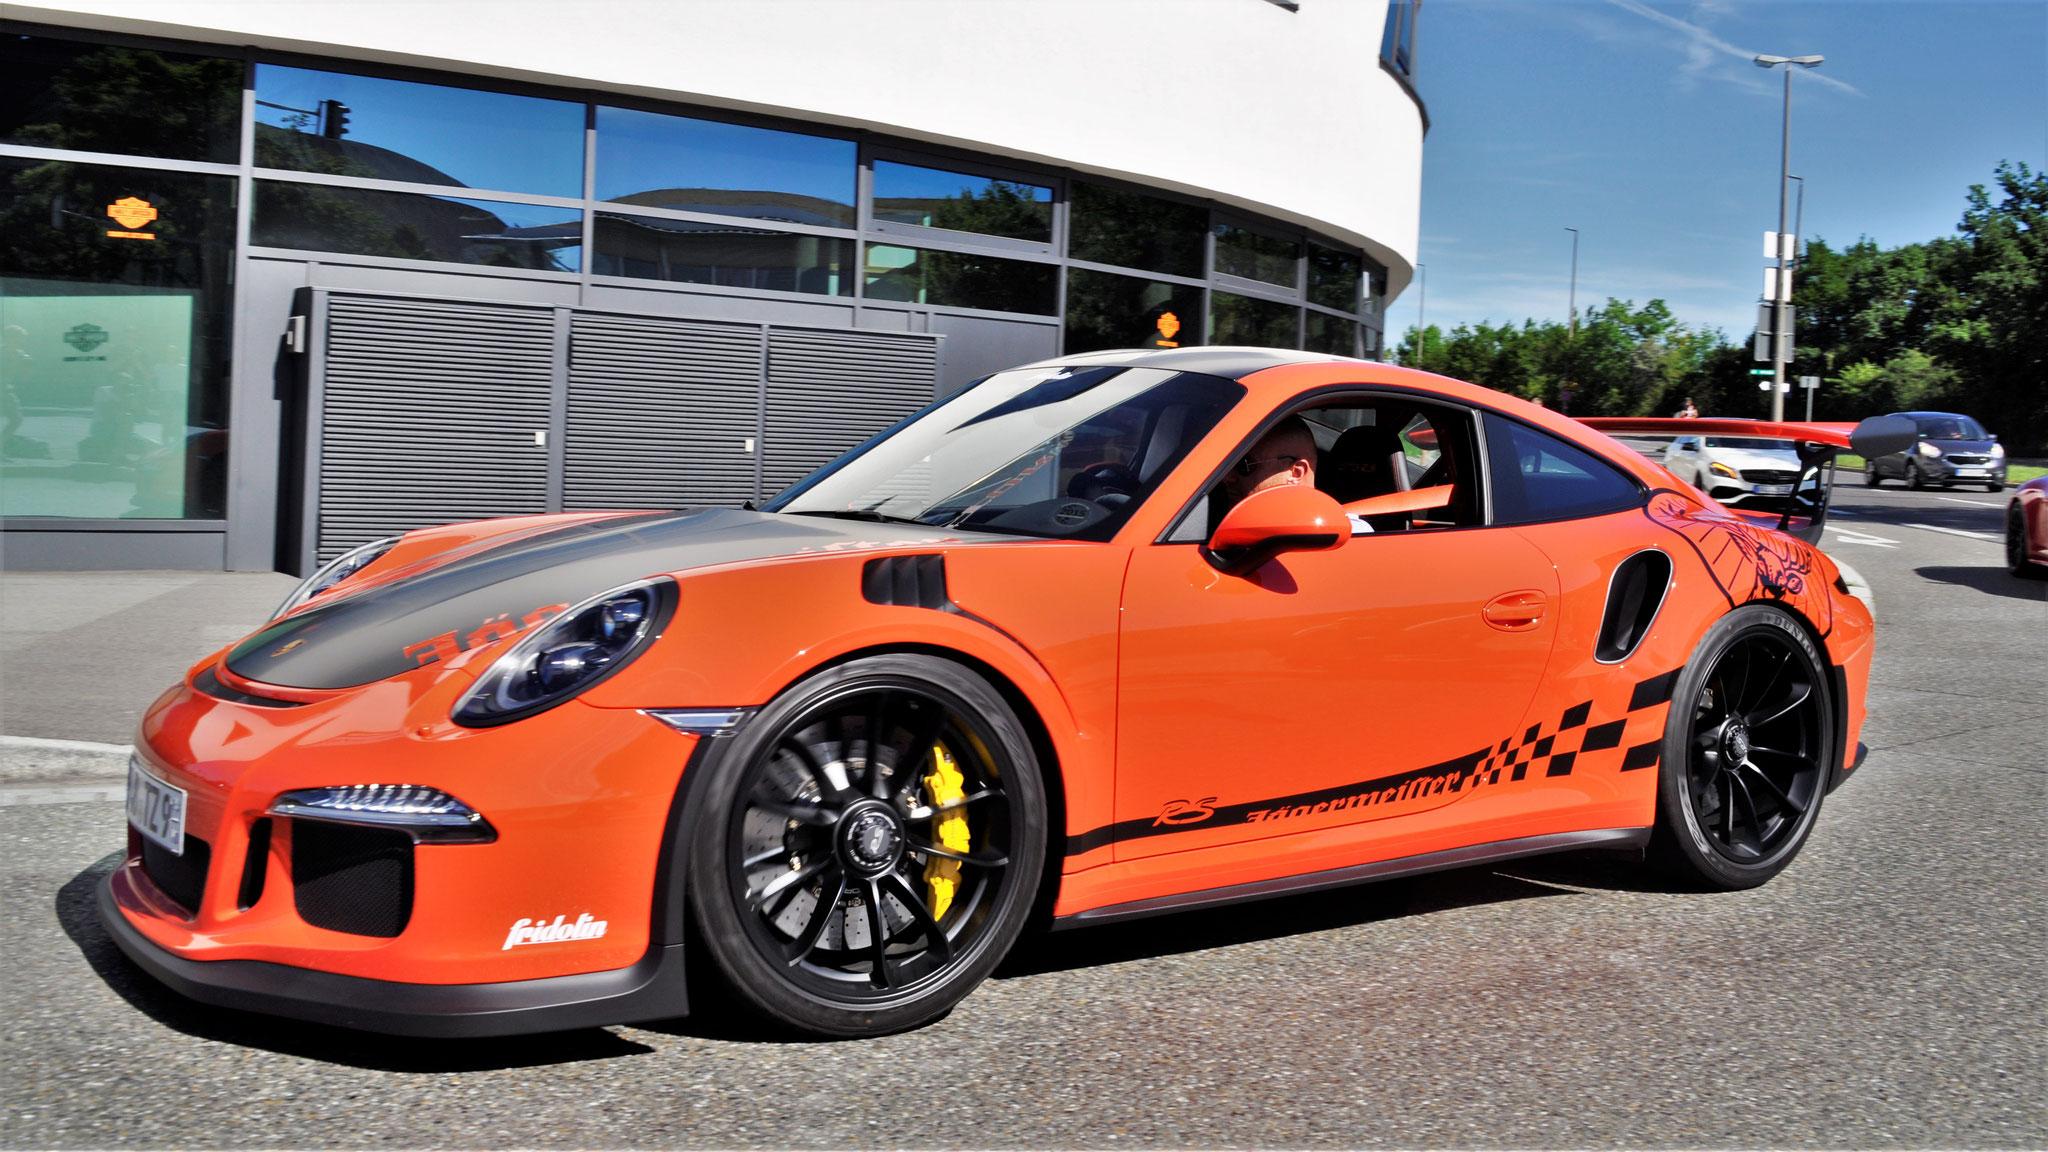 Porsche 911 GT3 RS - LB-TZ-9